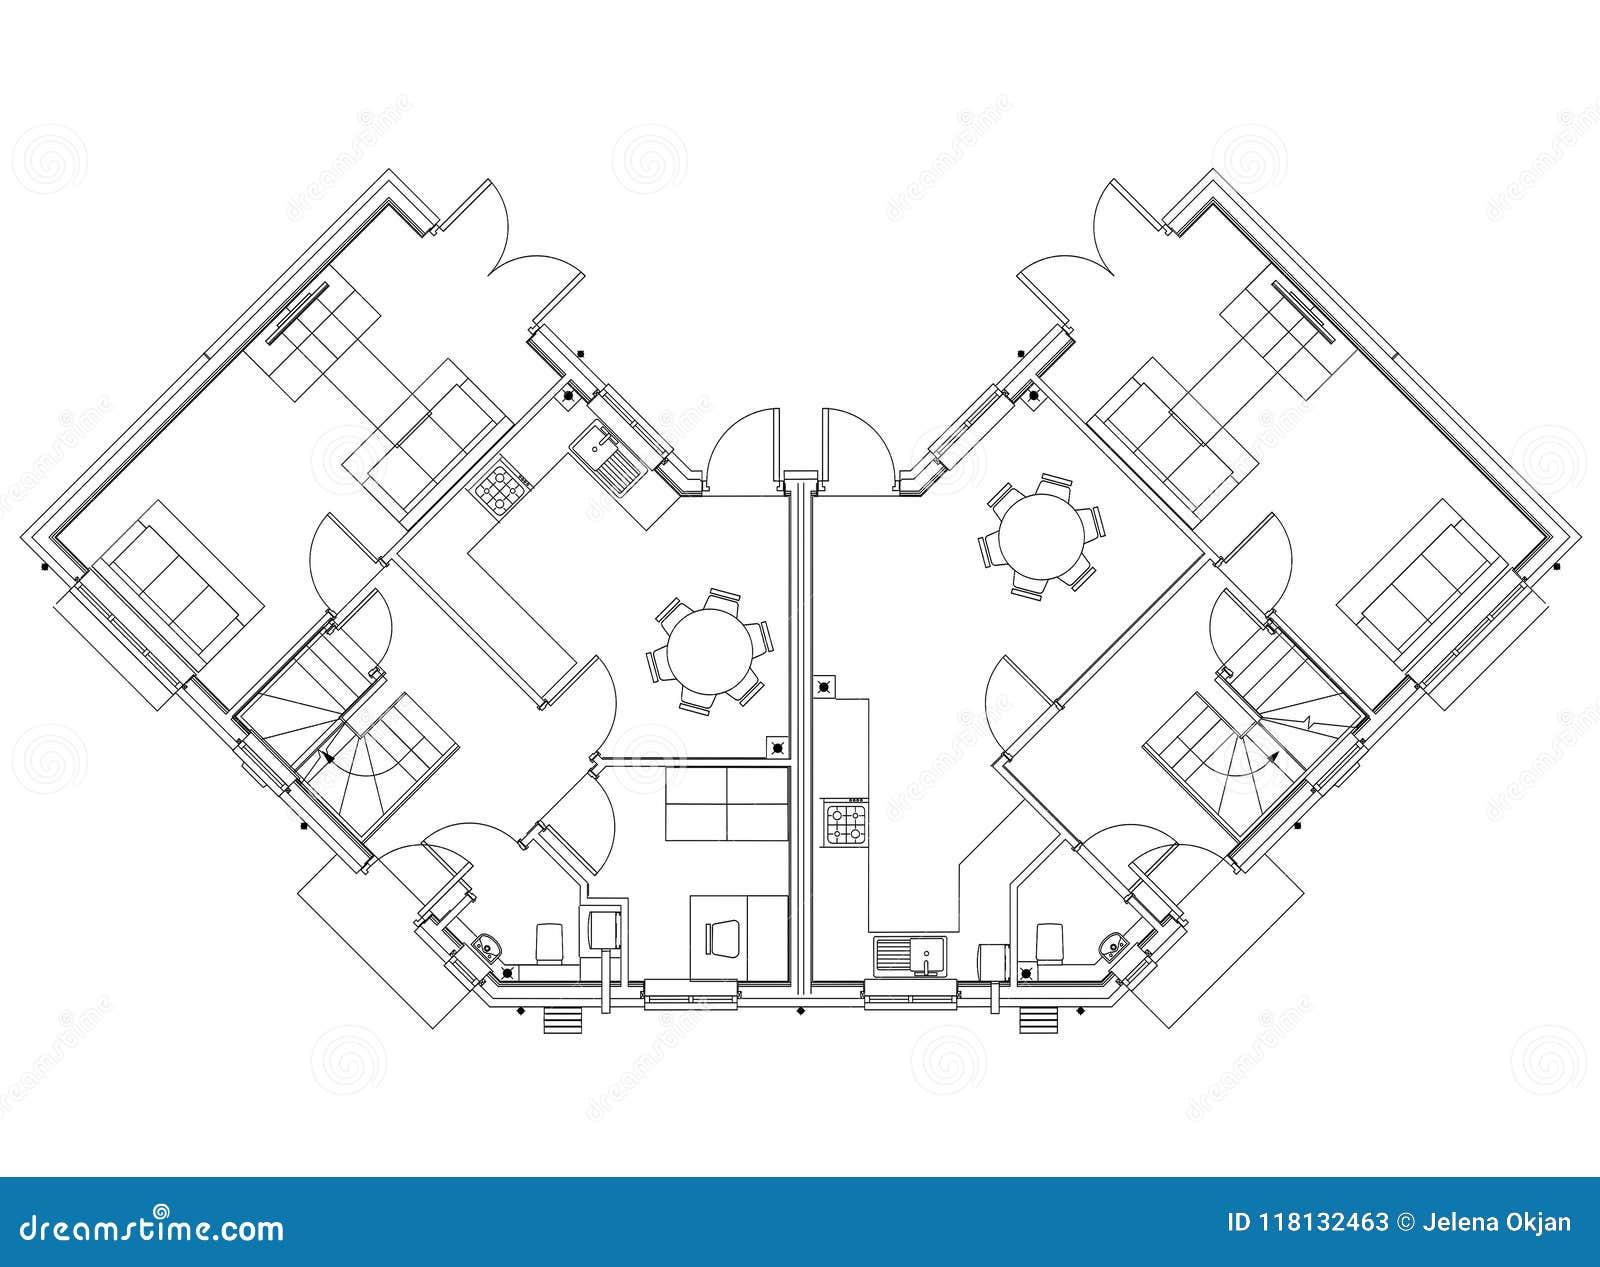 House Layout Design Blueprint Isolated Stock Illustration